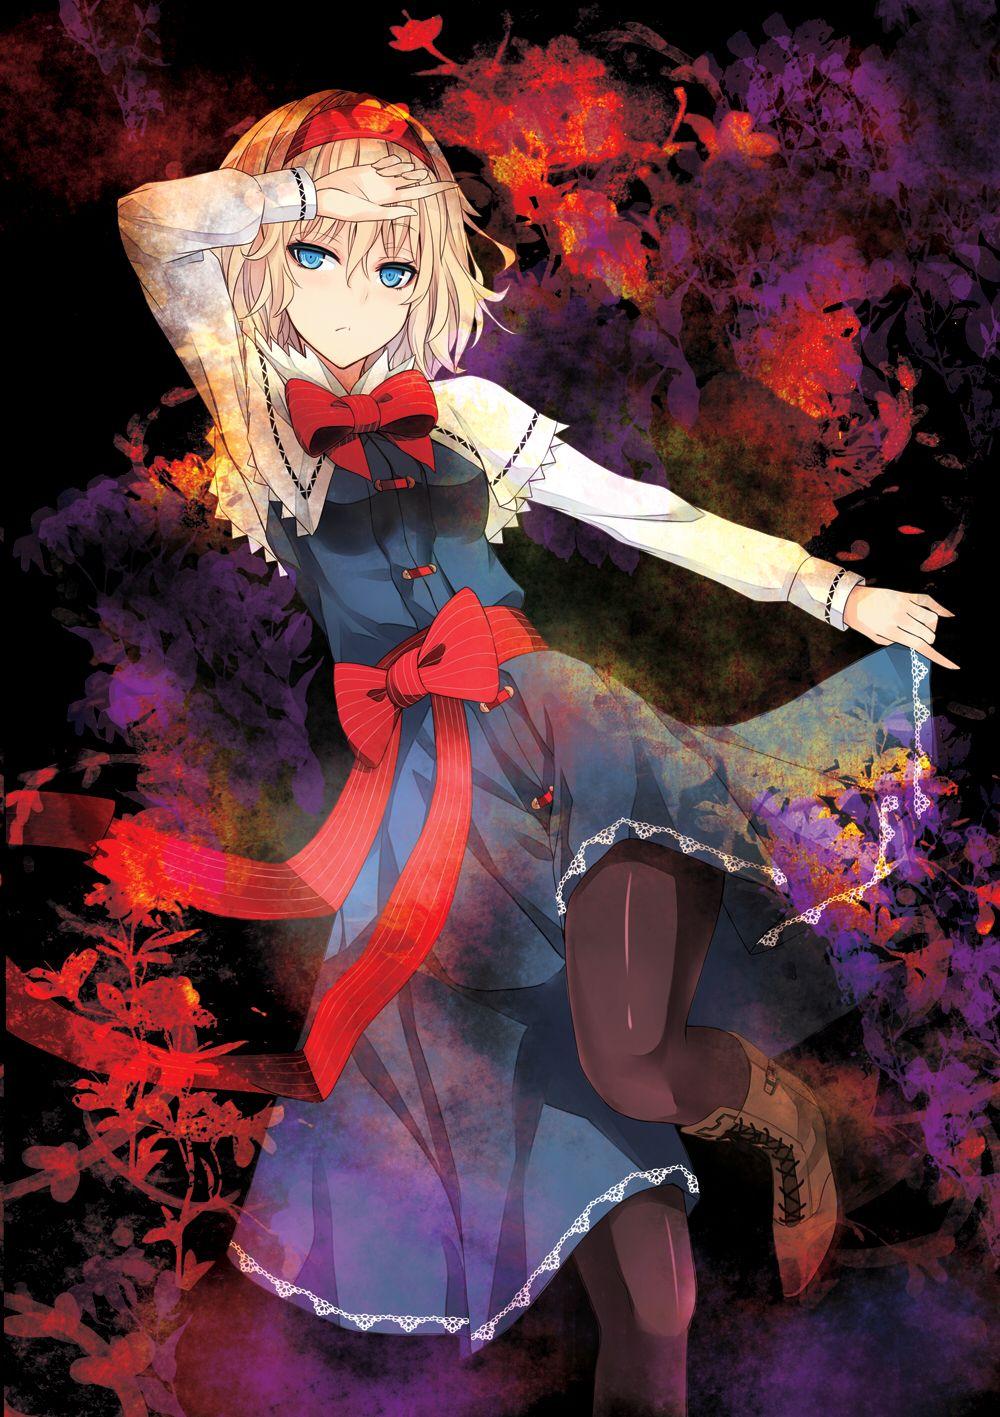 anime illustration girl Anime, Blonde hair blue eyes